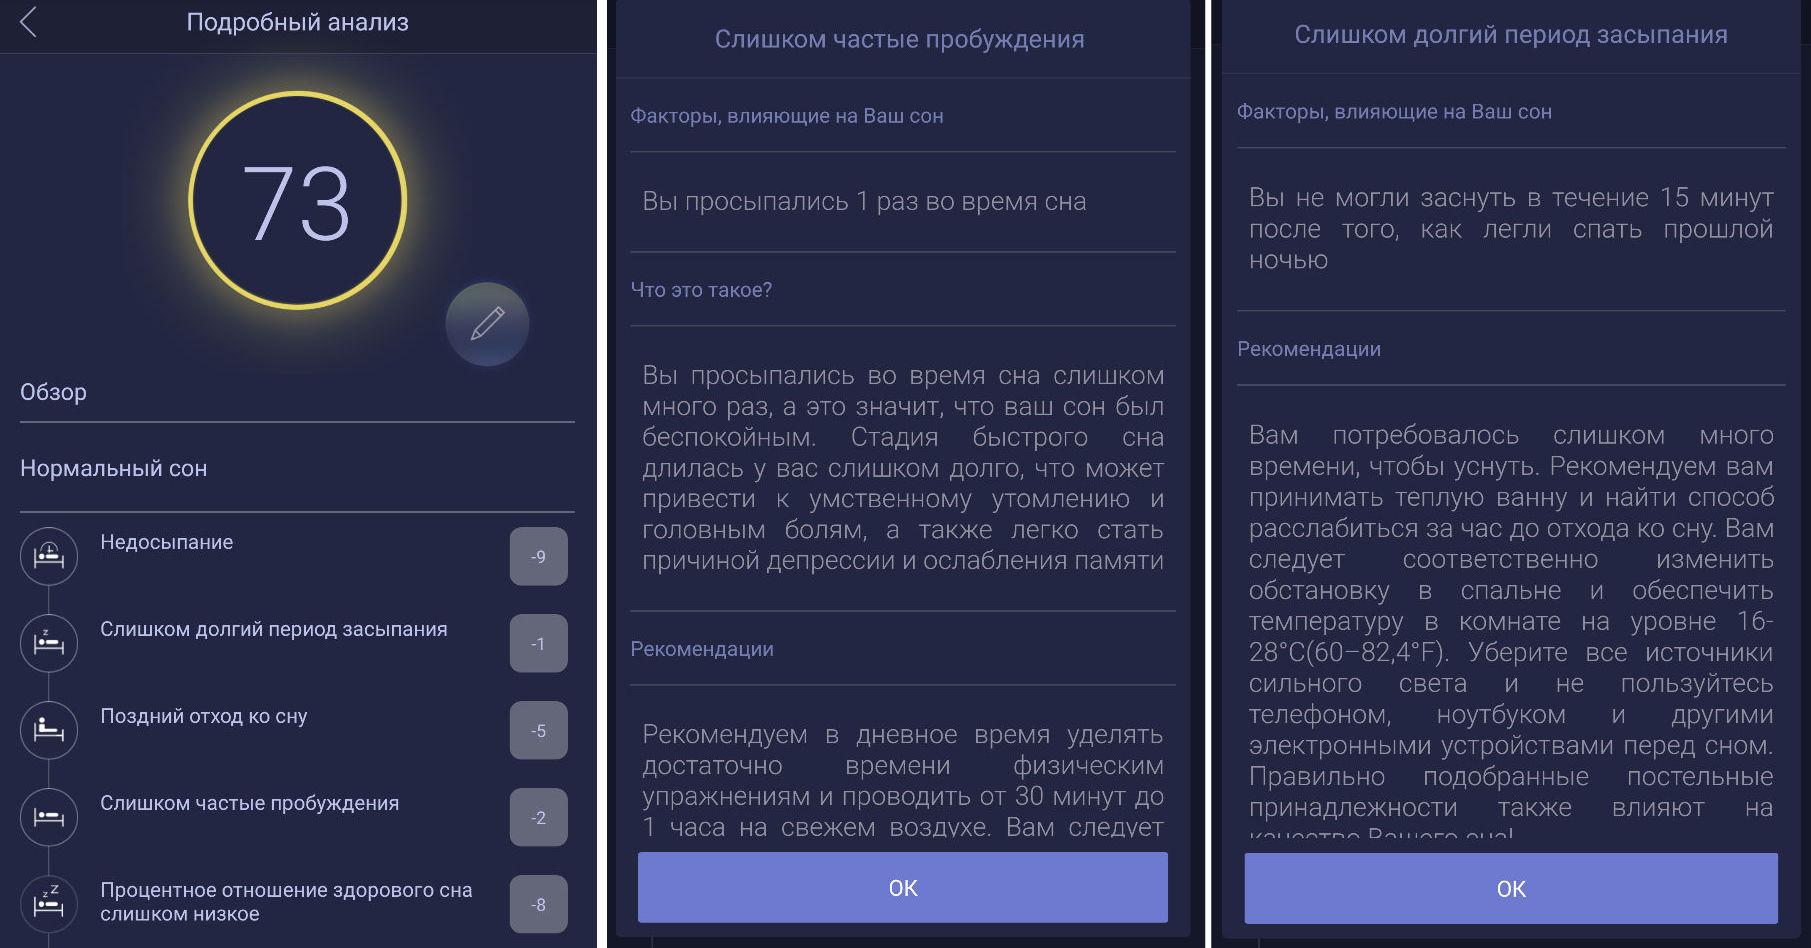 Гаджеты для сна от Sleepace: умная лампа, трекер Xiaomi и наушники-маска - 9